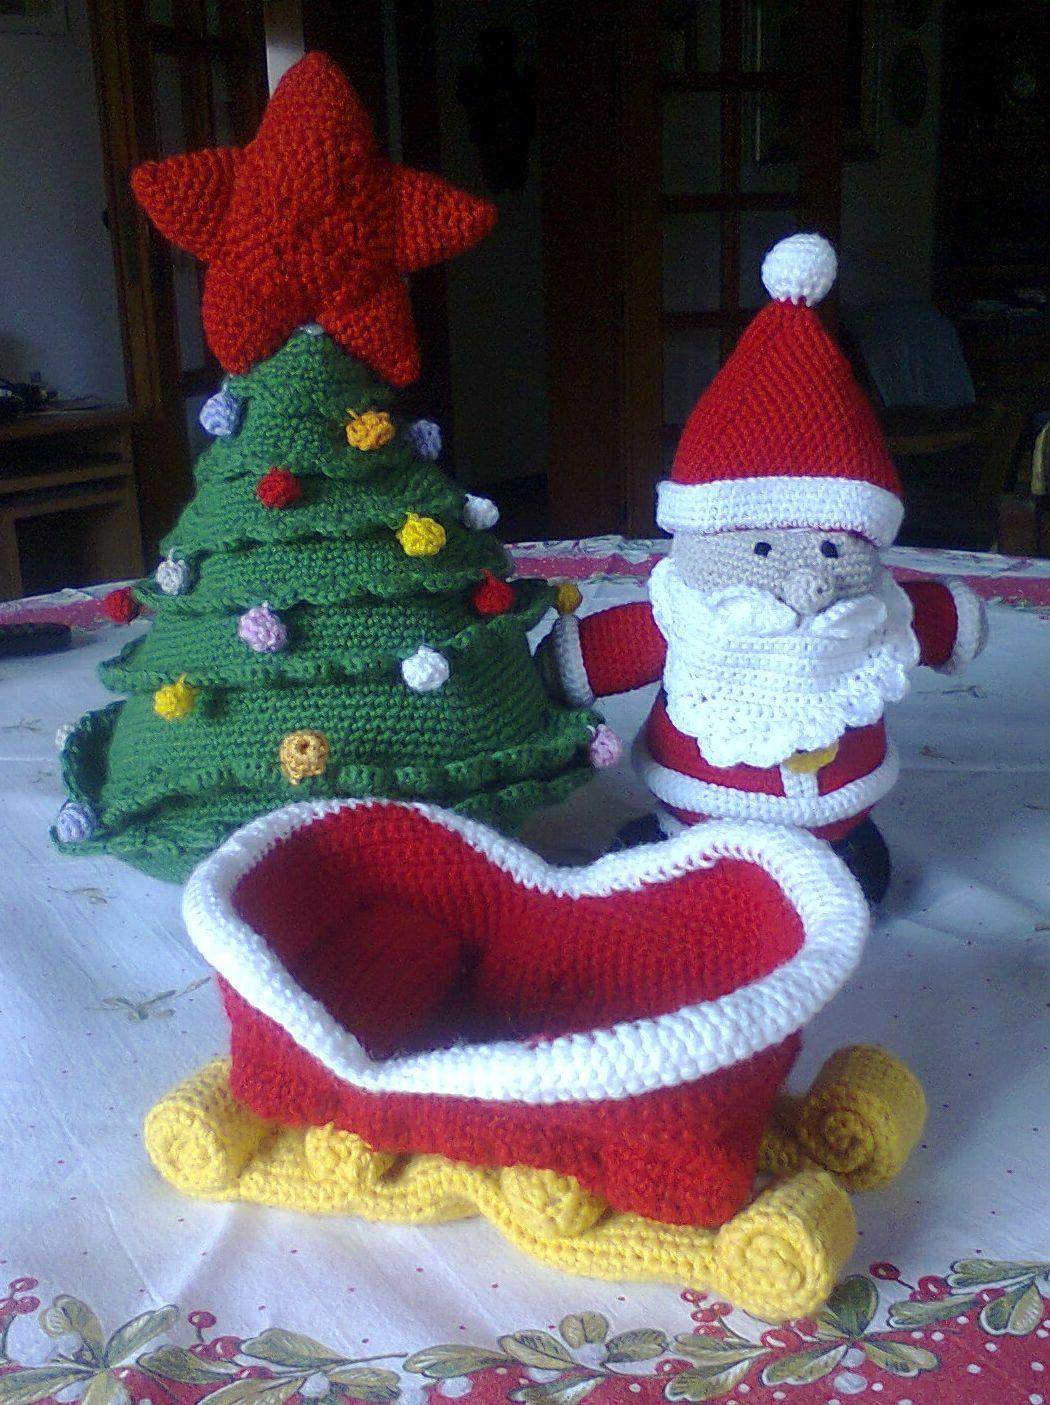 Babbo Natale all'uncinetto | Uncinetto festività, Natale all'uncinetto, Uncinetto  amigurumi | 1405x1050